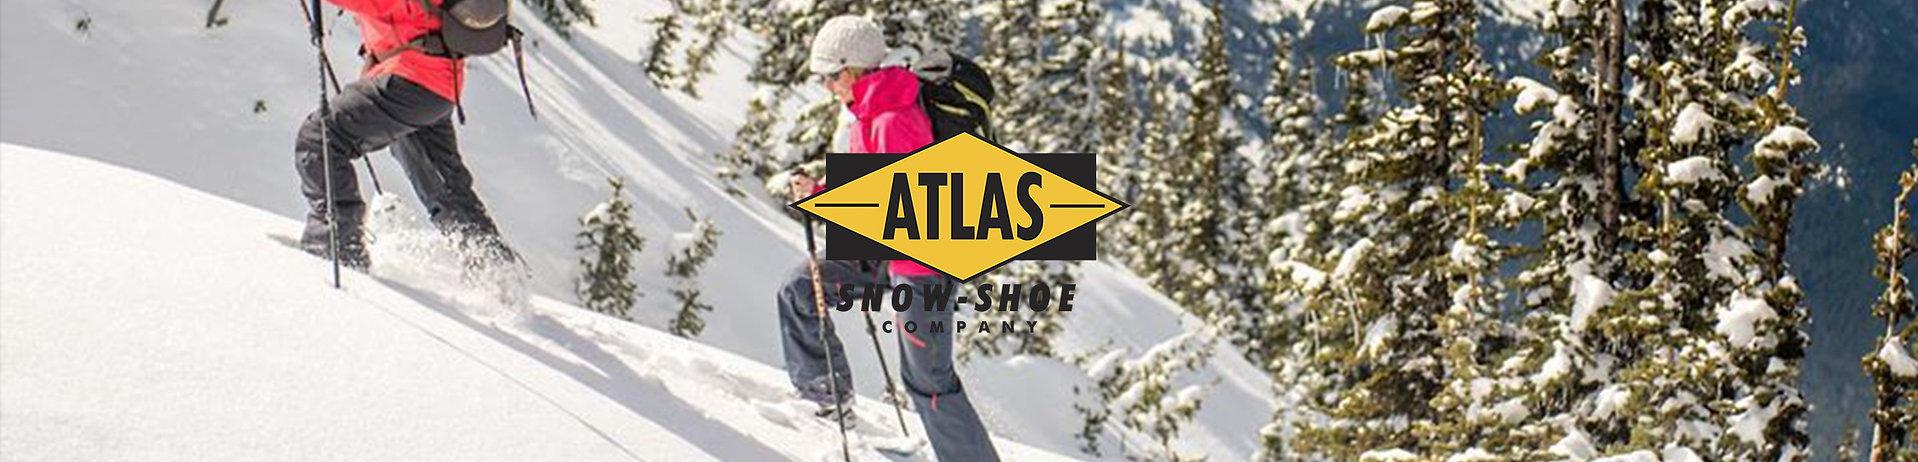 atlas-banner.jpg